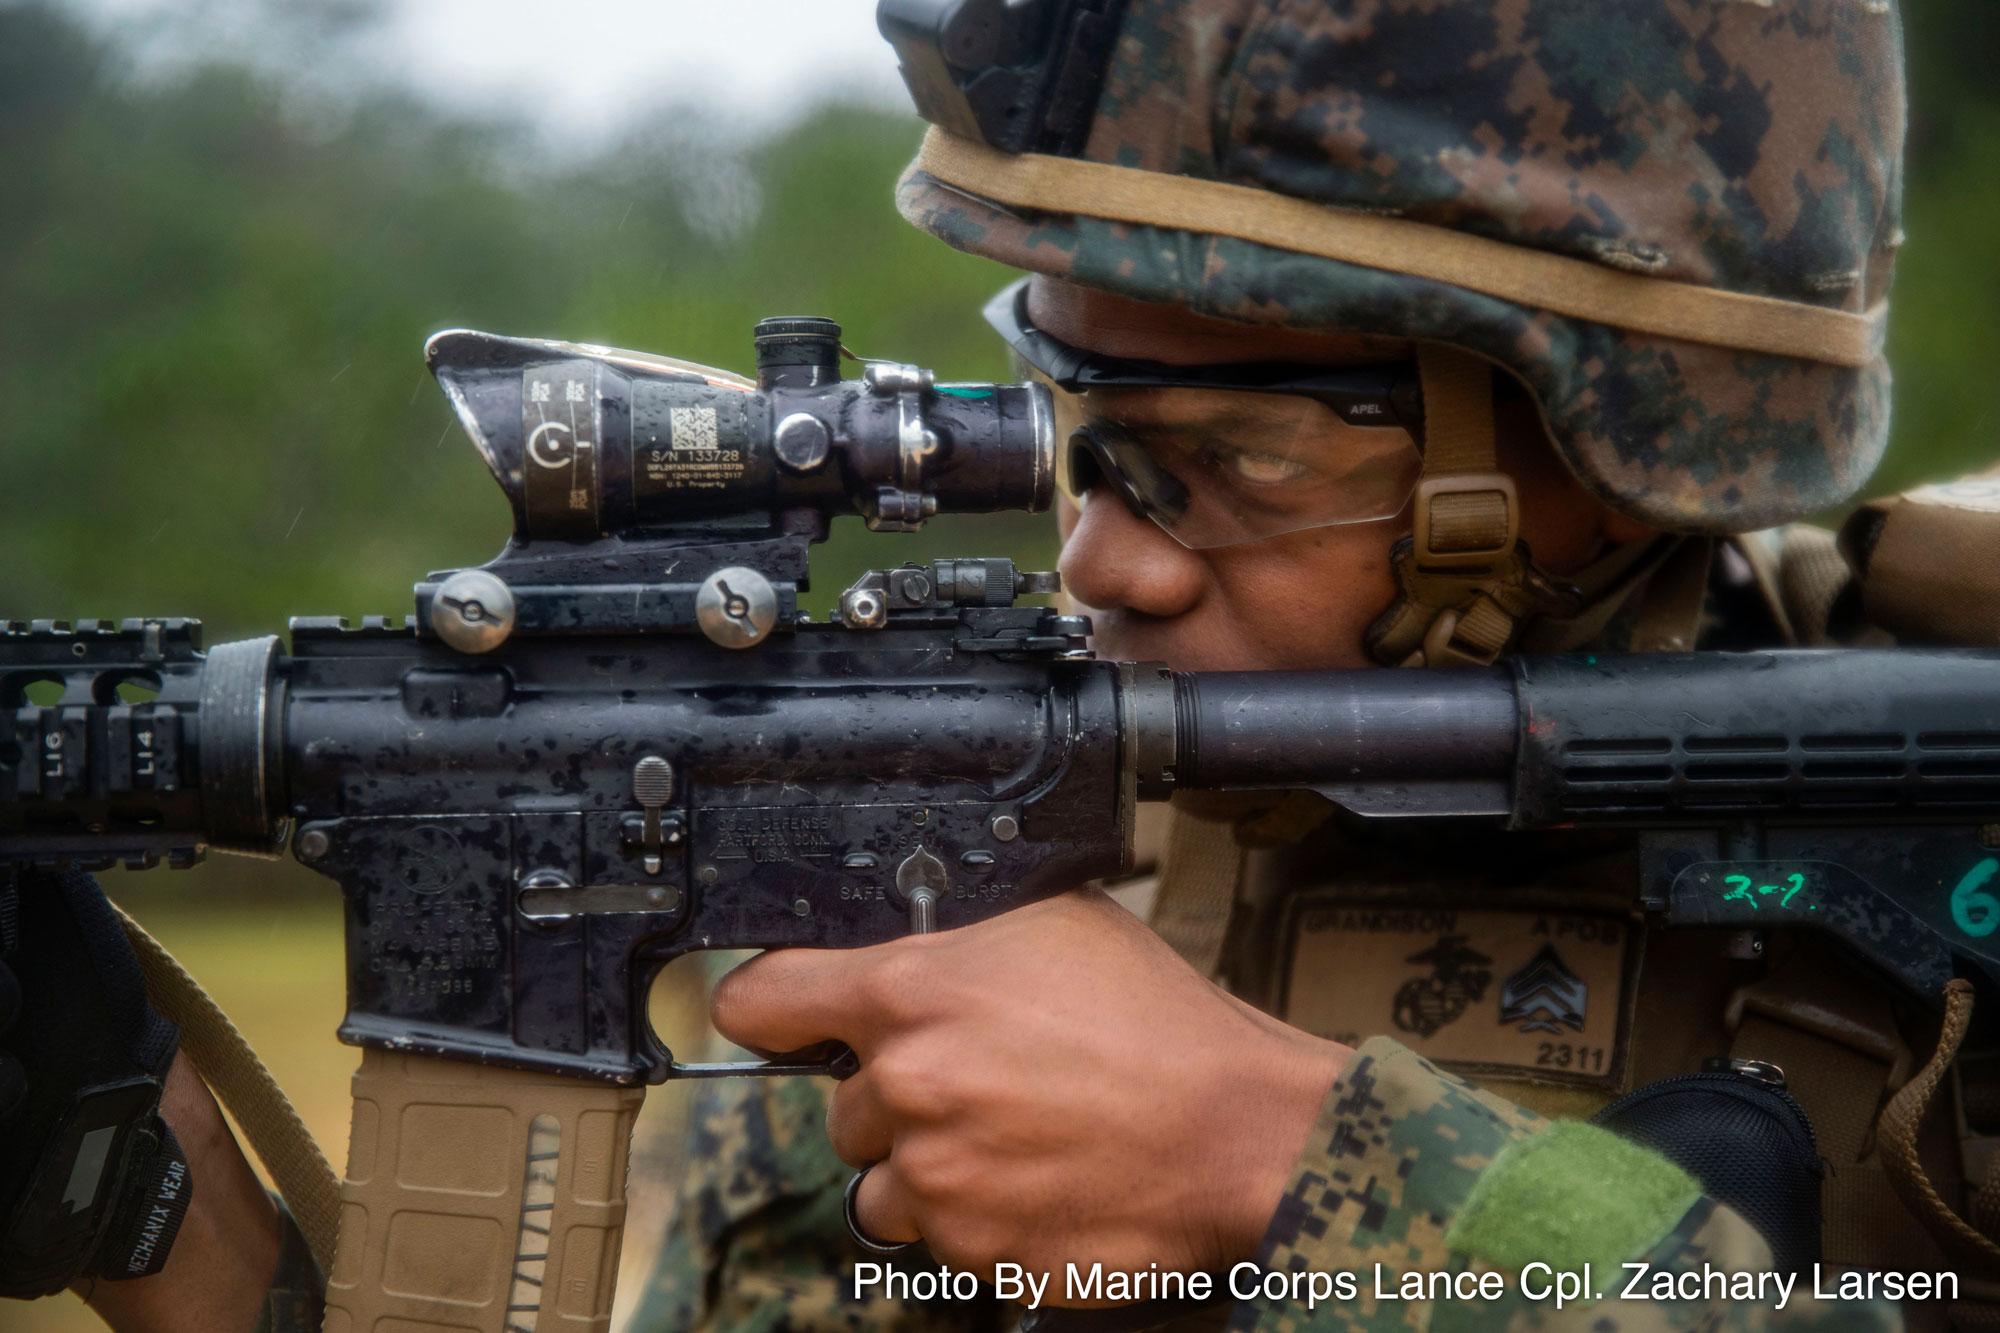 2-Photo-By-Marine-Corps-Lance-Cpl.-Zachary-Larsen-2.jpg